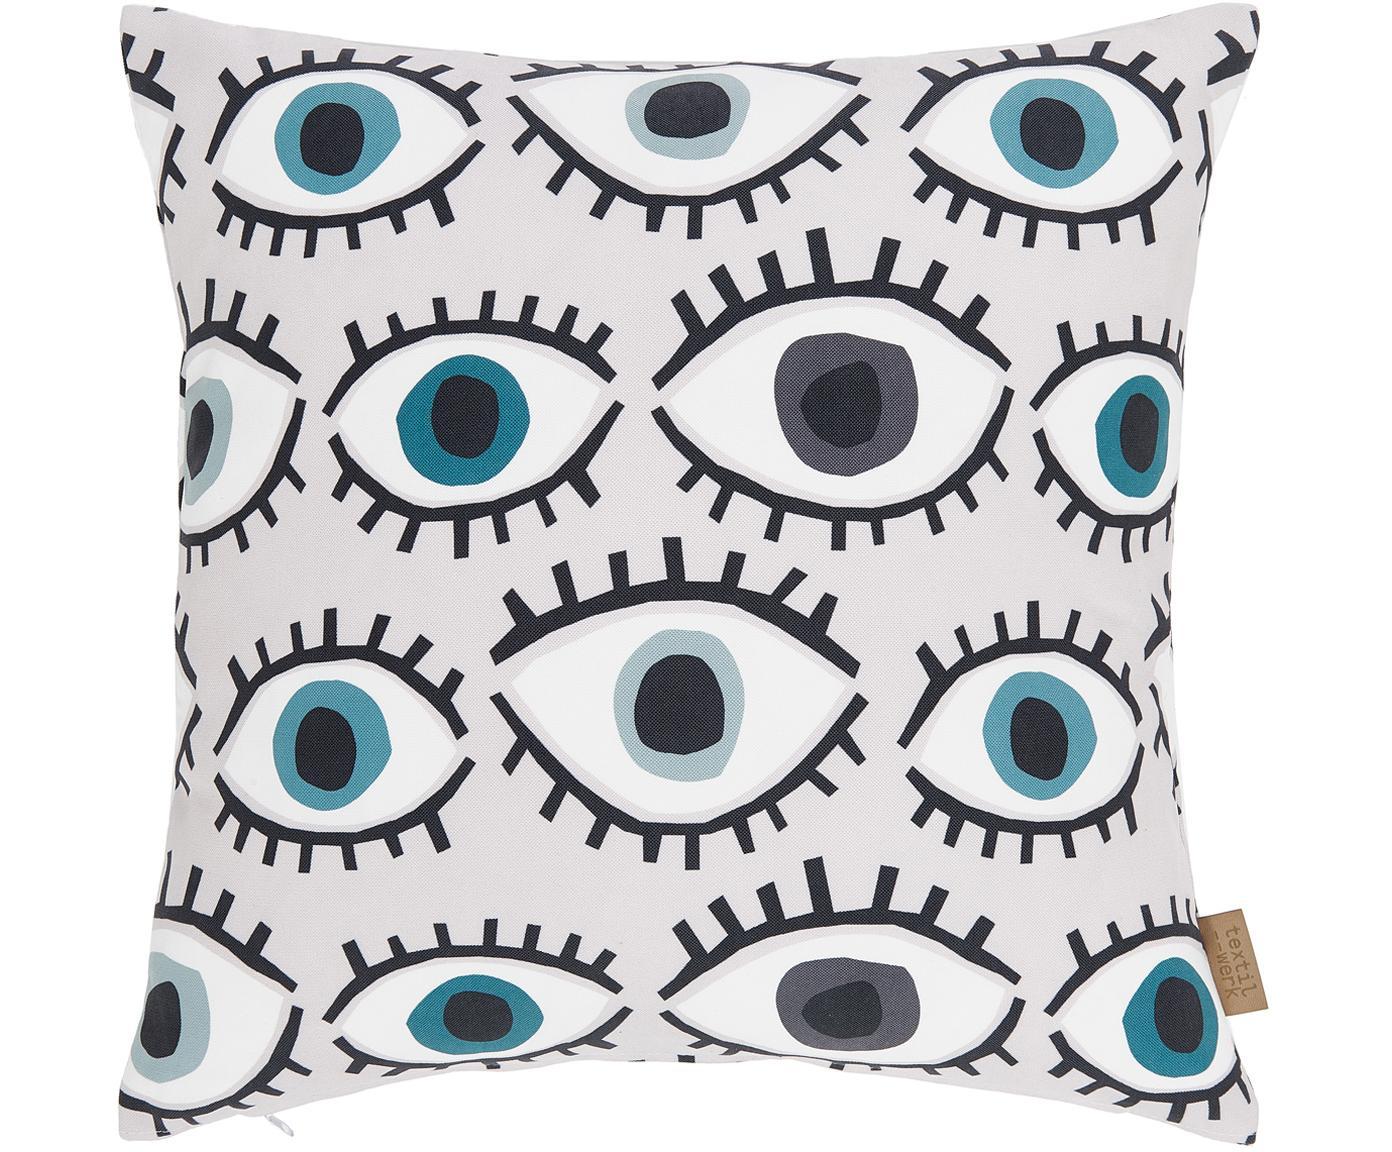 Kissenhülle Dream Big, 100% Polyester, Rosa, Blau, Grün, Weiß, Schwarz, 50 x 50 cm